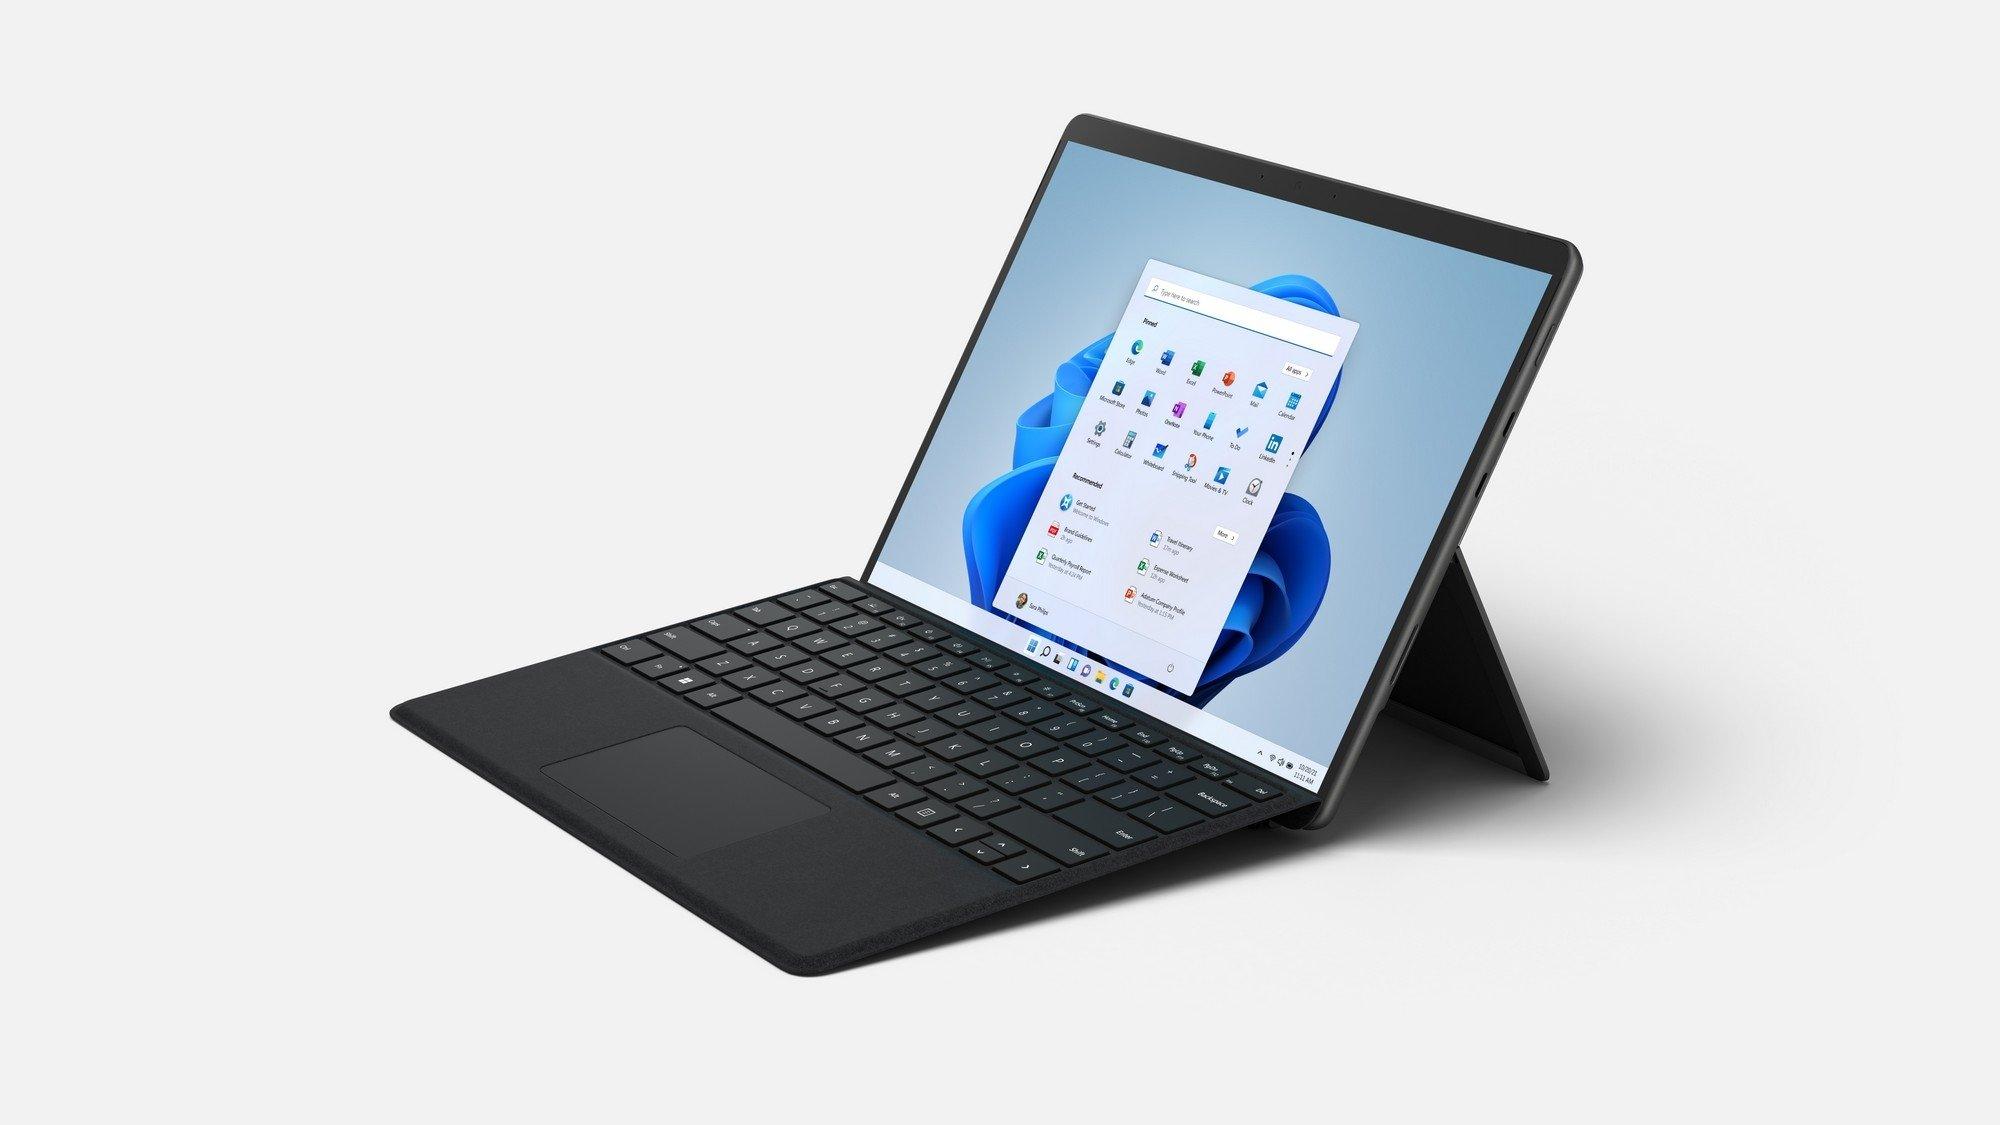 Microsoft Surface 8 Pro